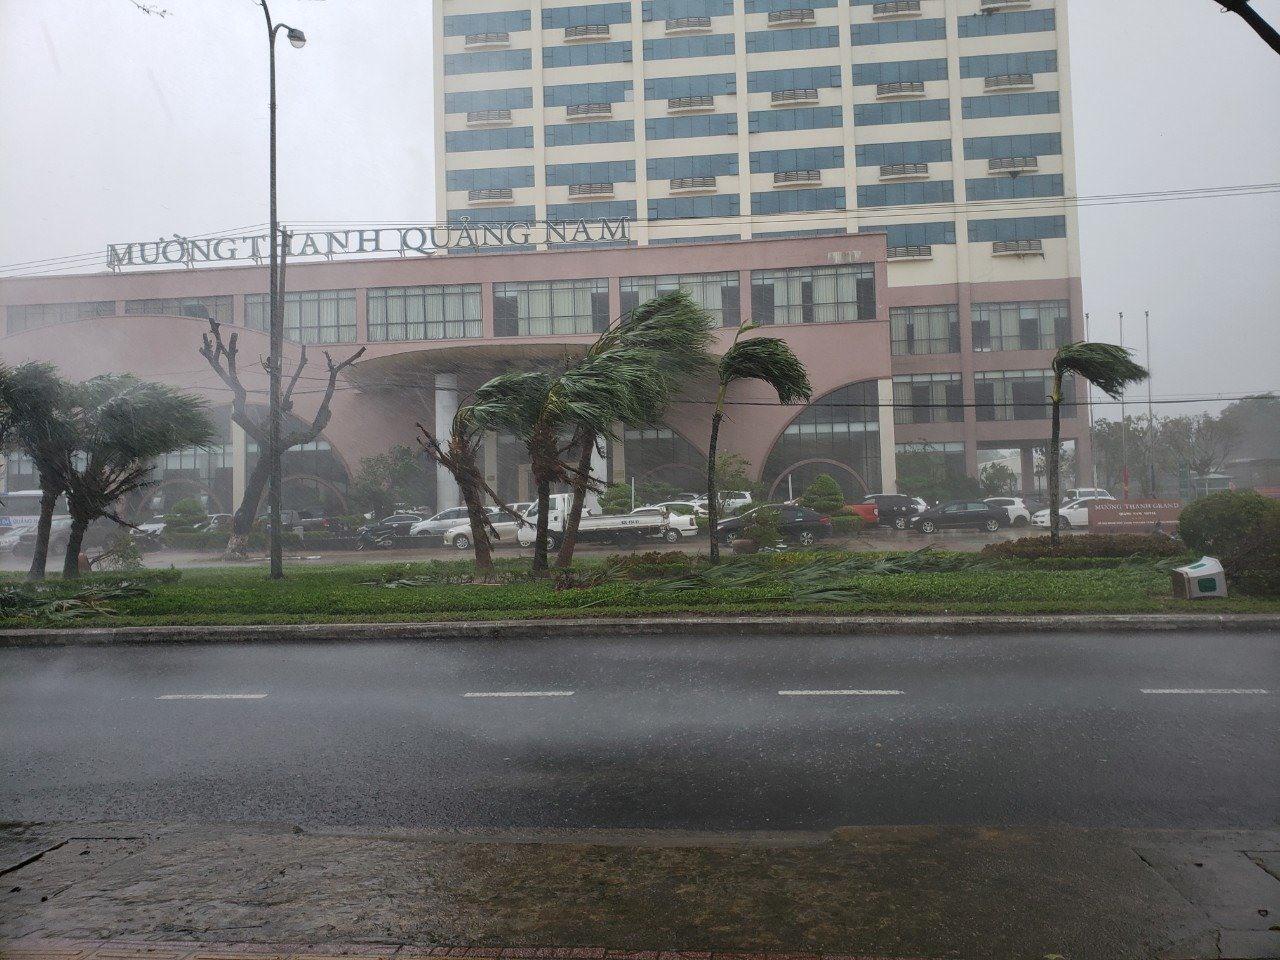 Quang cảnh gióc lốc tại Khách sạn Mường Thanh. Ảnh: HOÀI AN